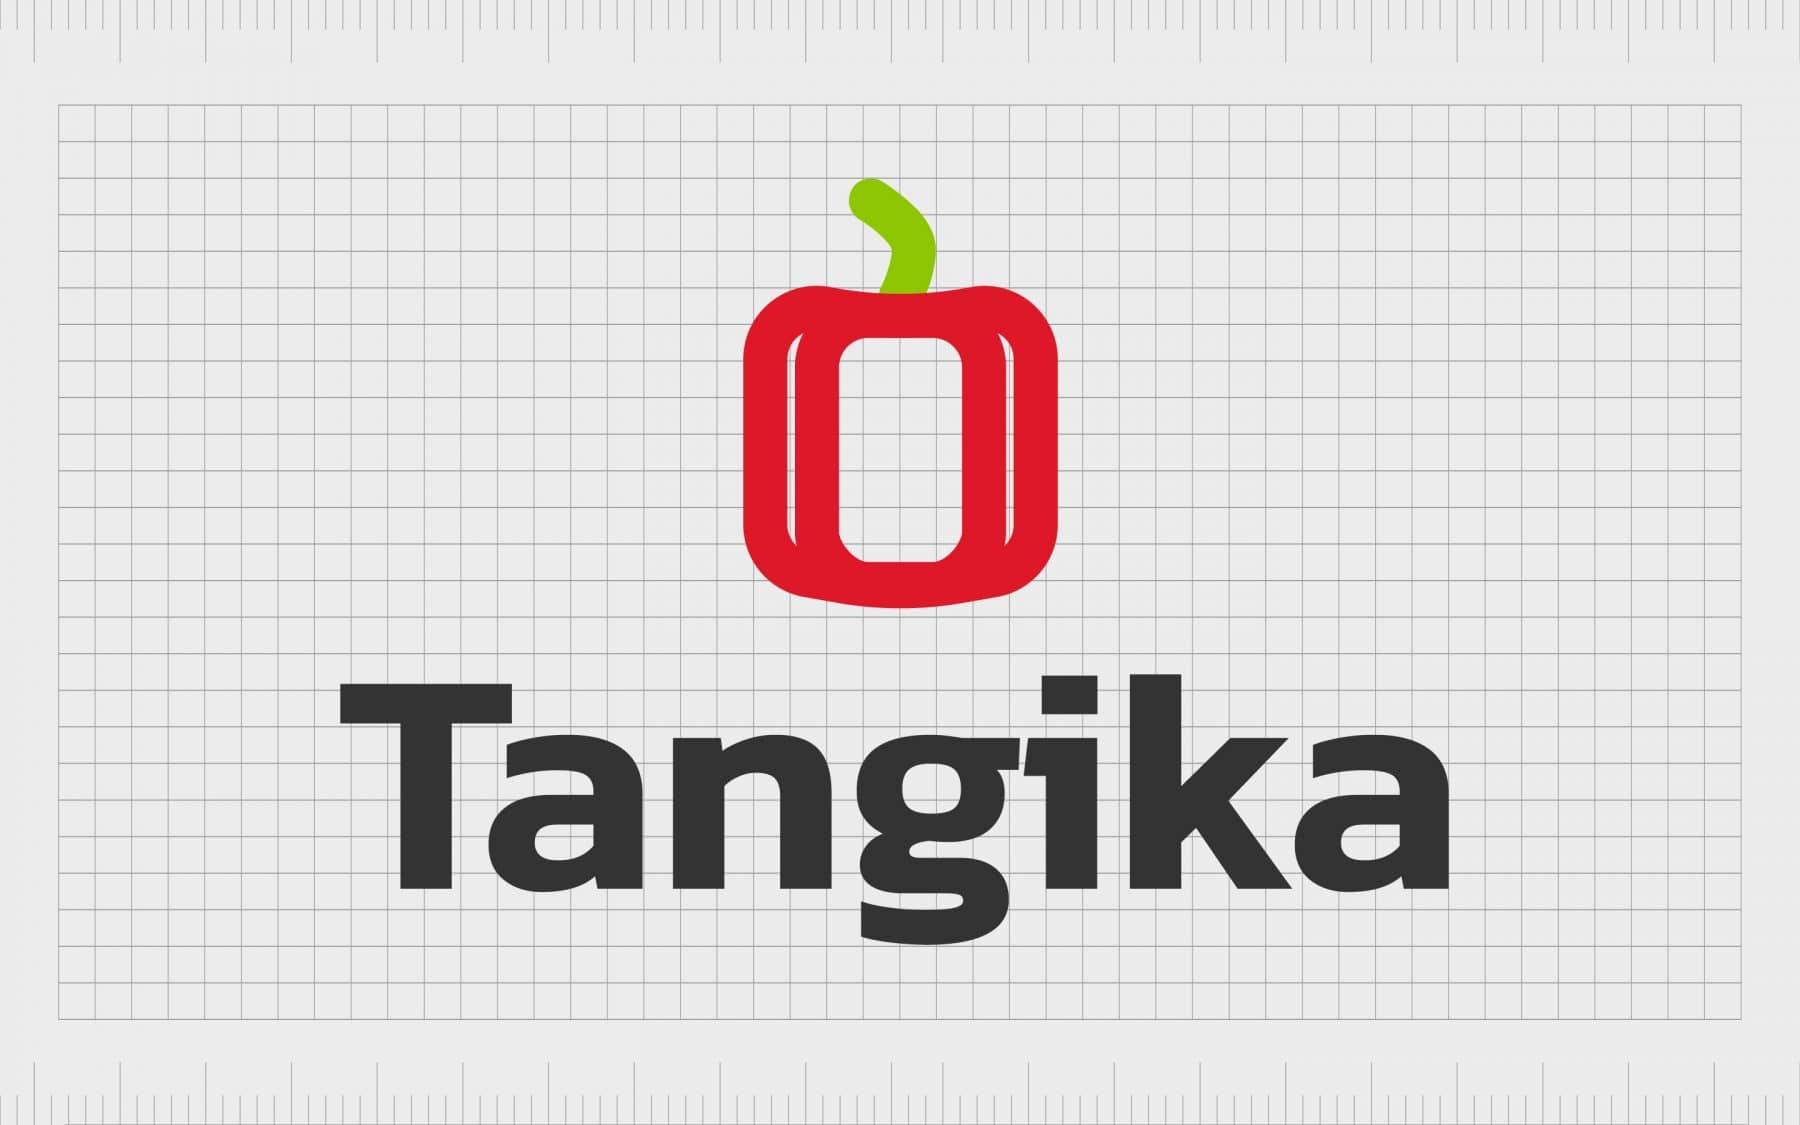 Tangika